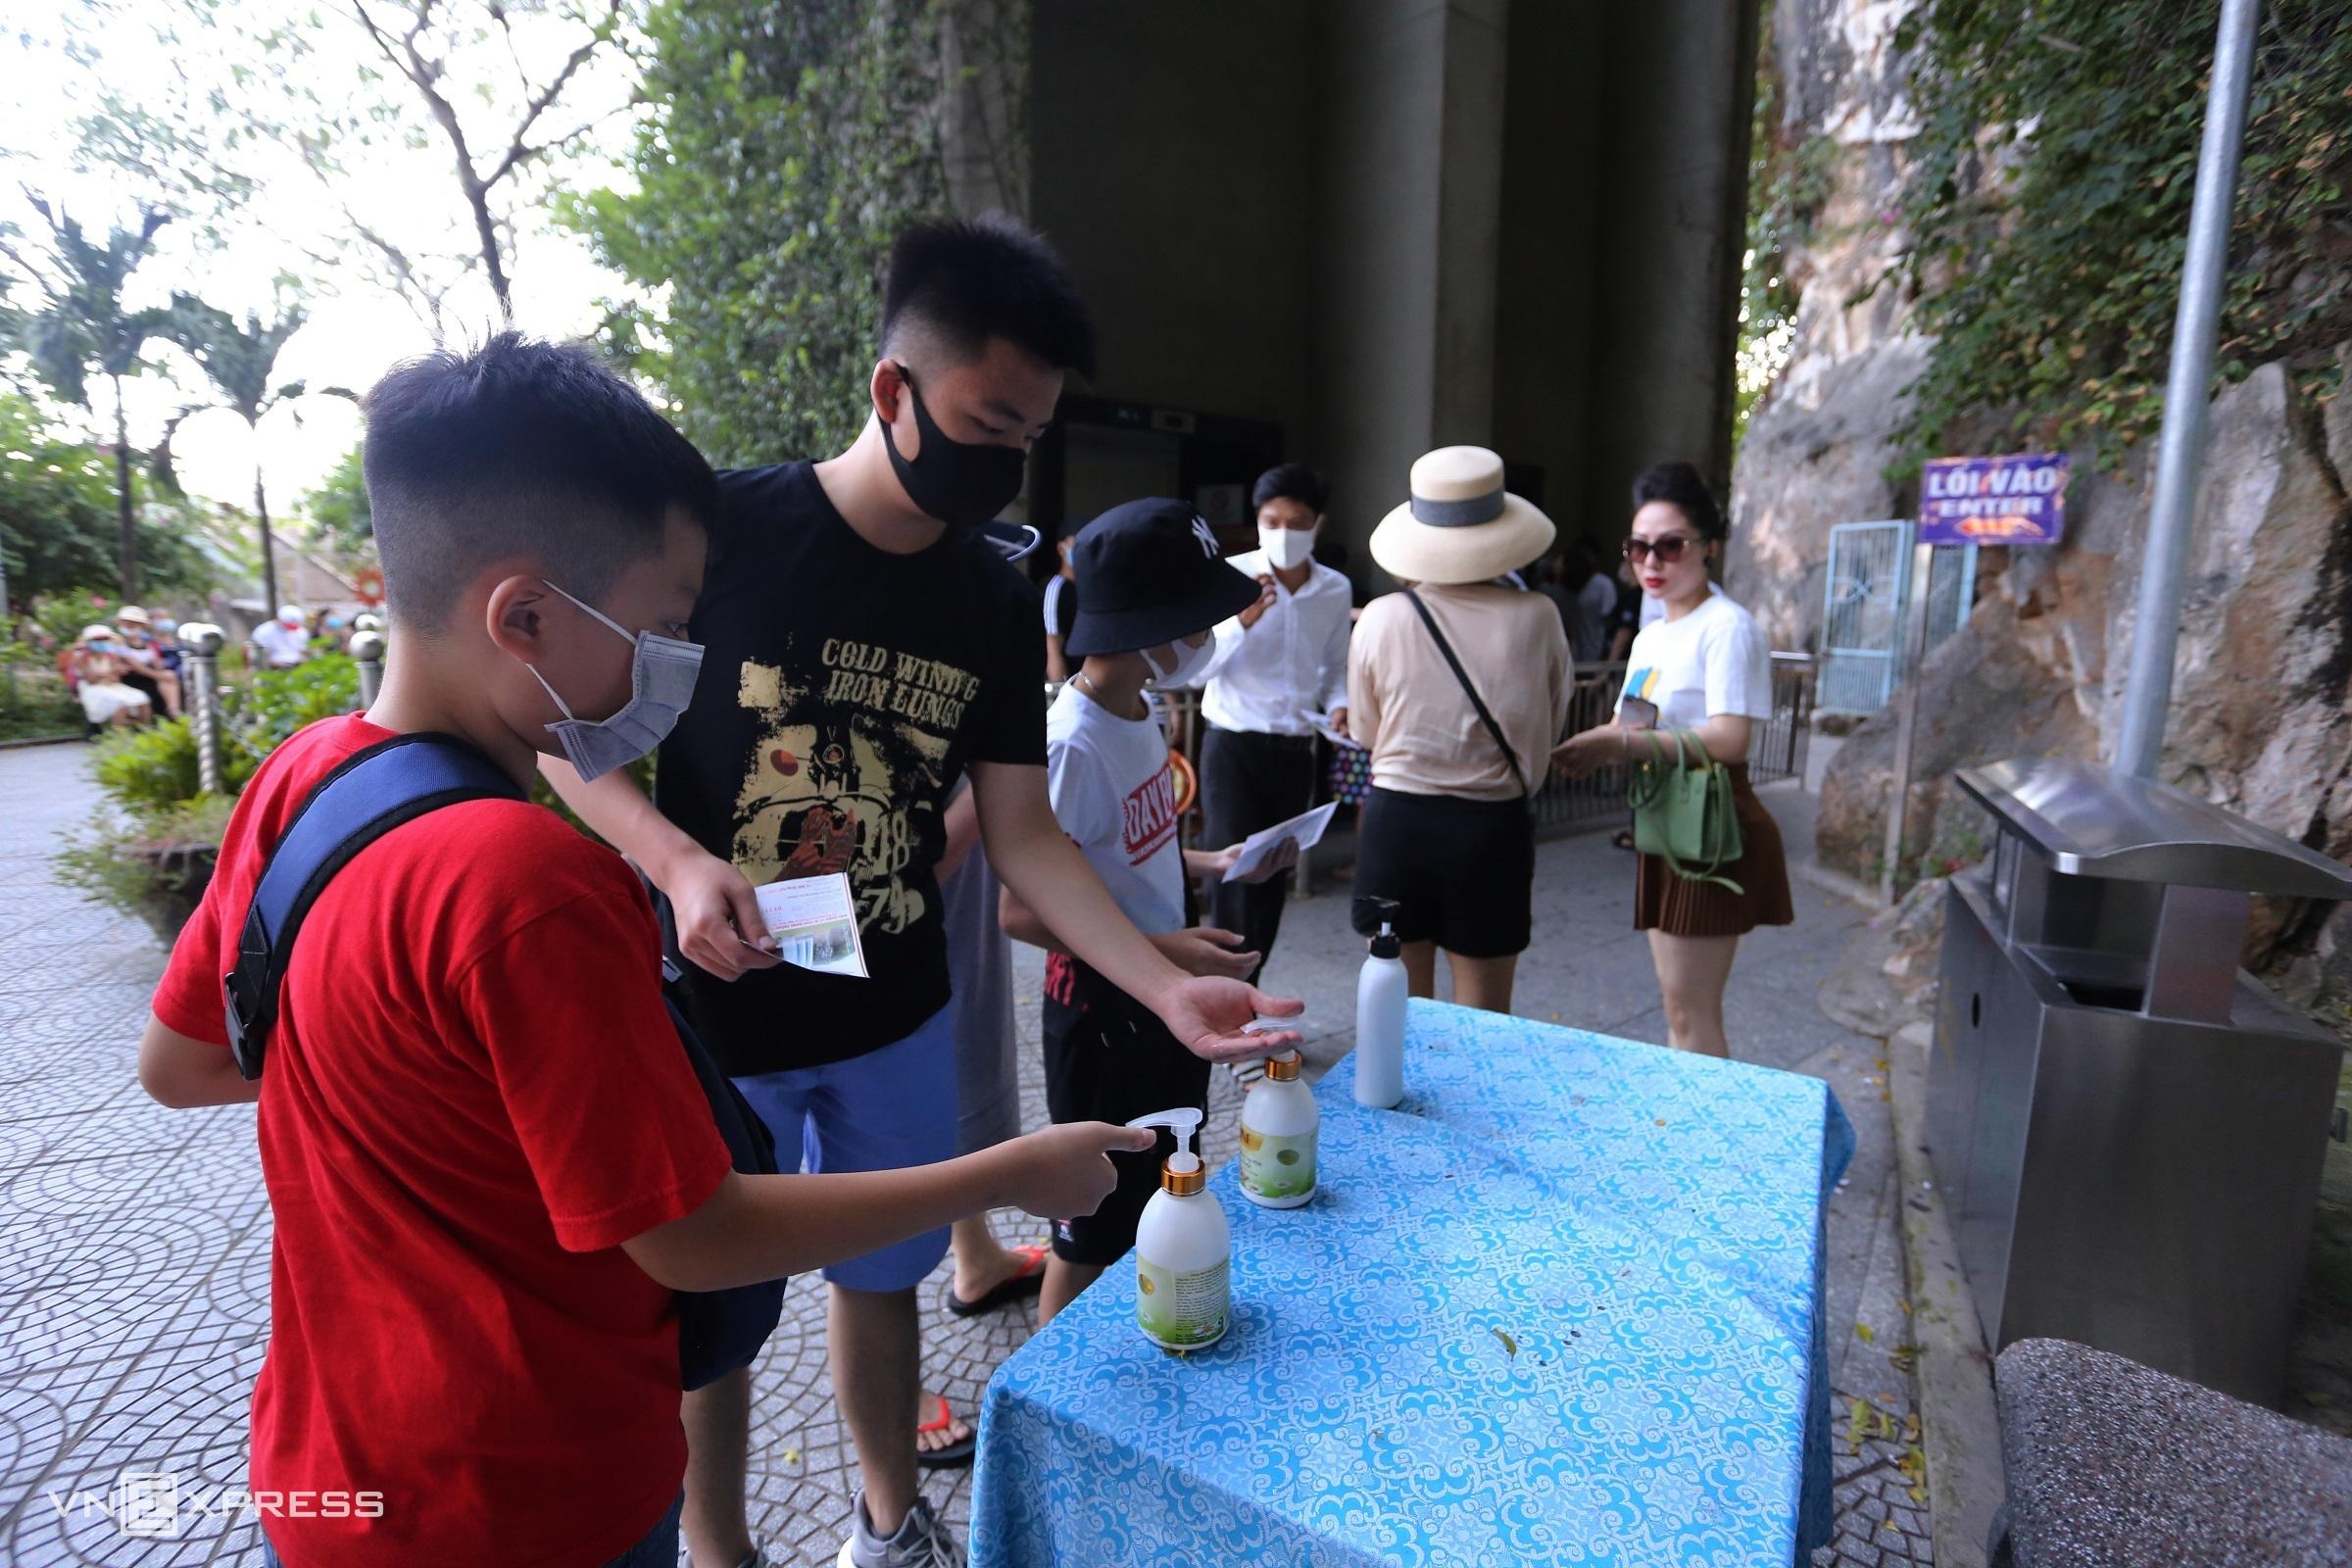 Du khách rửa tay sát khuẩn trước khi vào tham quan danh thắng Ngũ Hành Sơn, Đà Nẵng ngày 25/7/2020. Ảnh: Đắc Thành